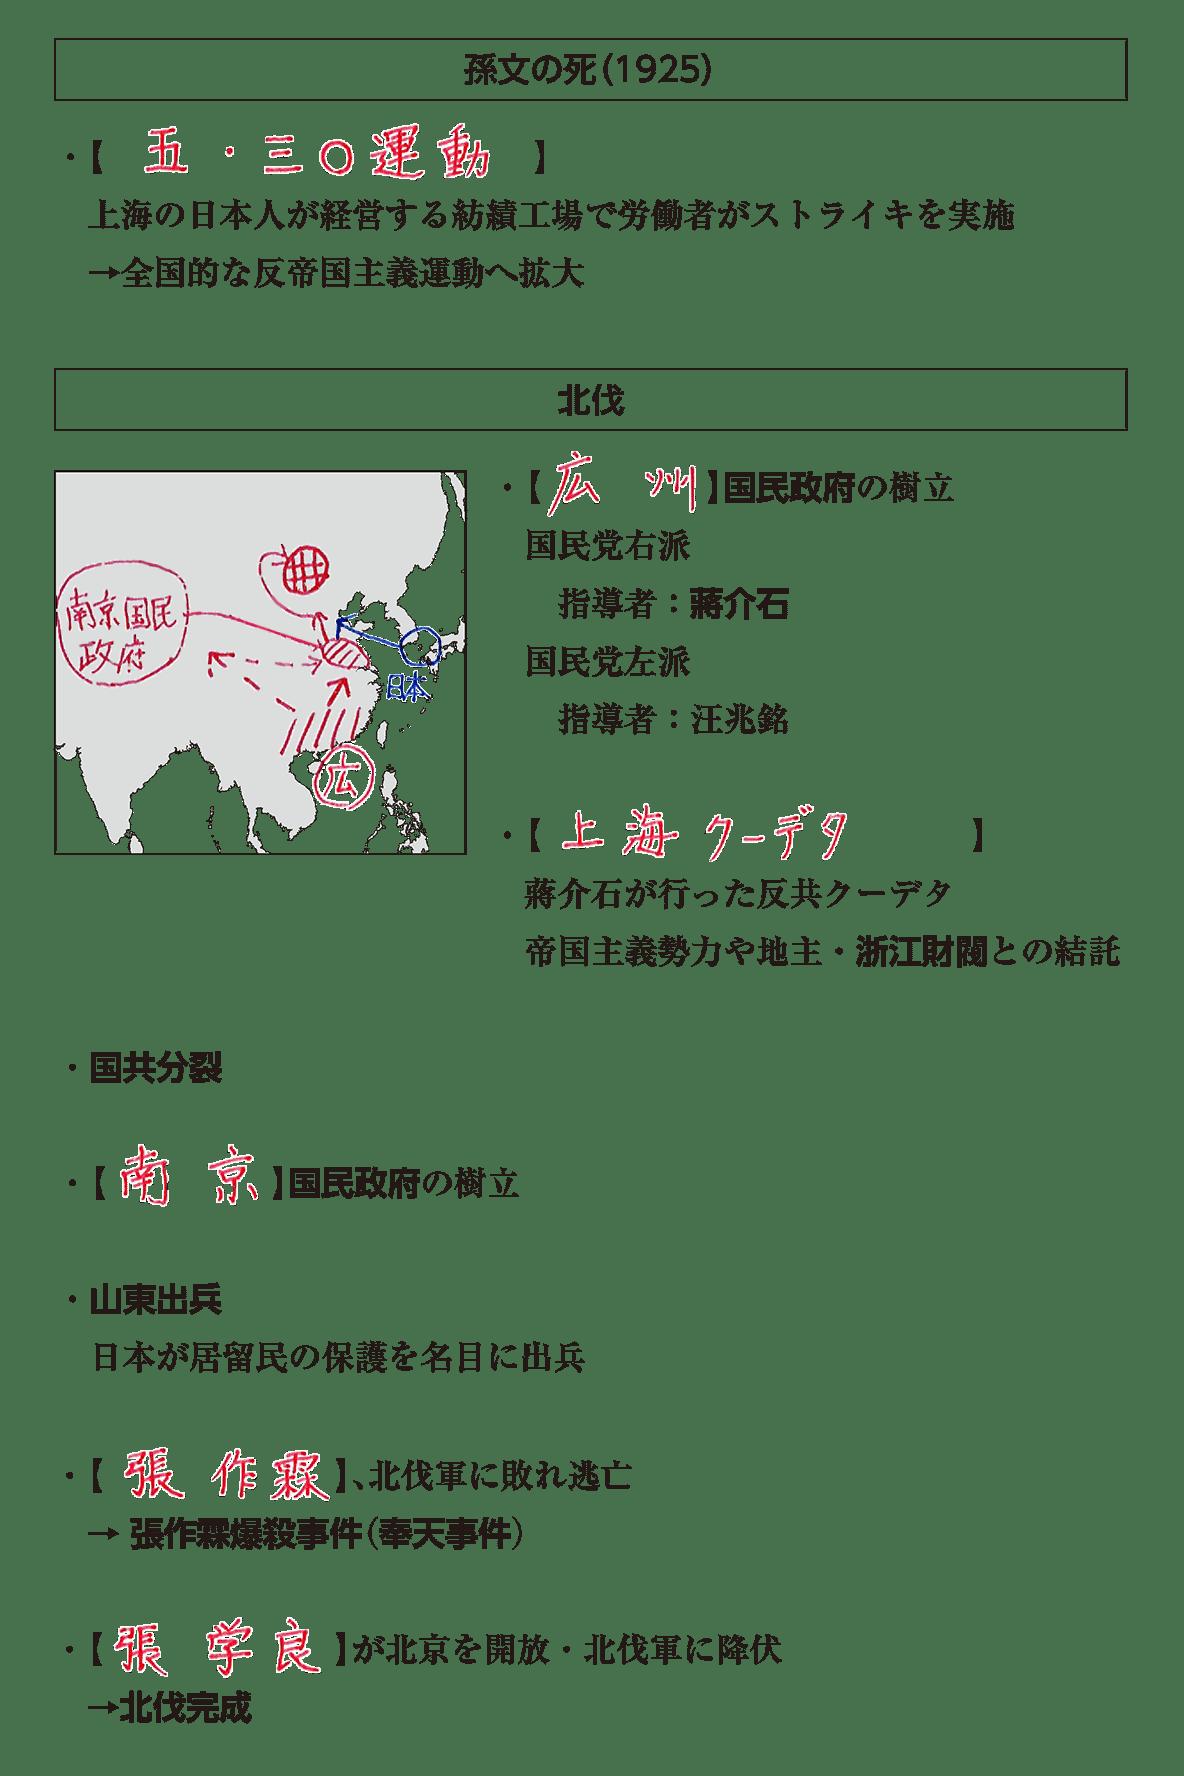 戦間期のアジア諸地域2 ポイント1 答え全部